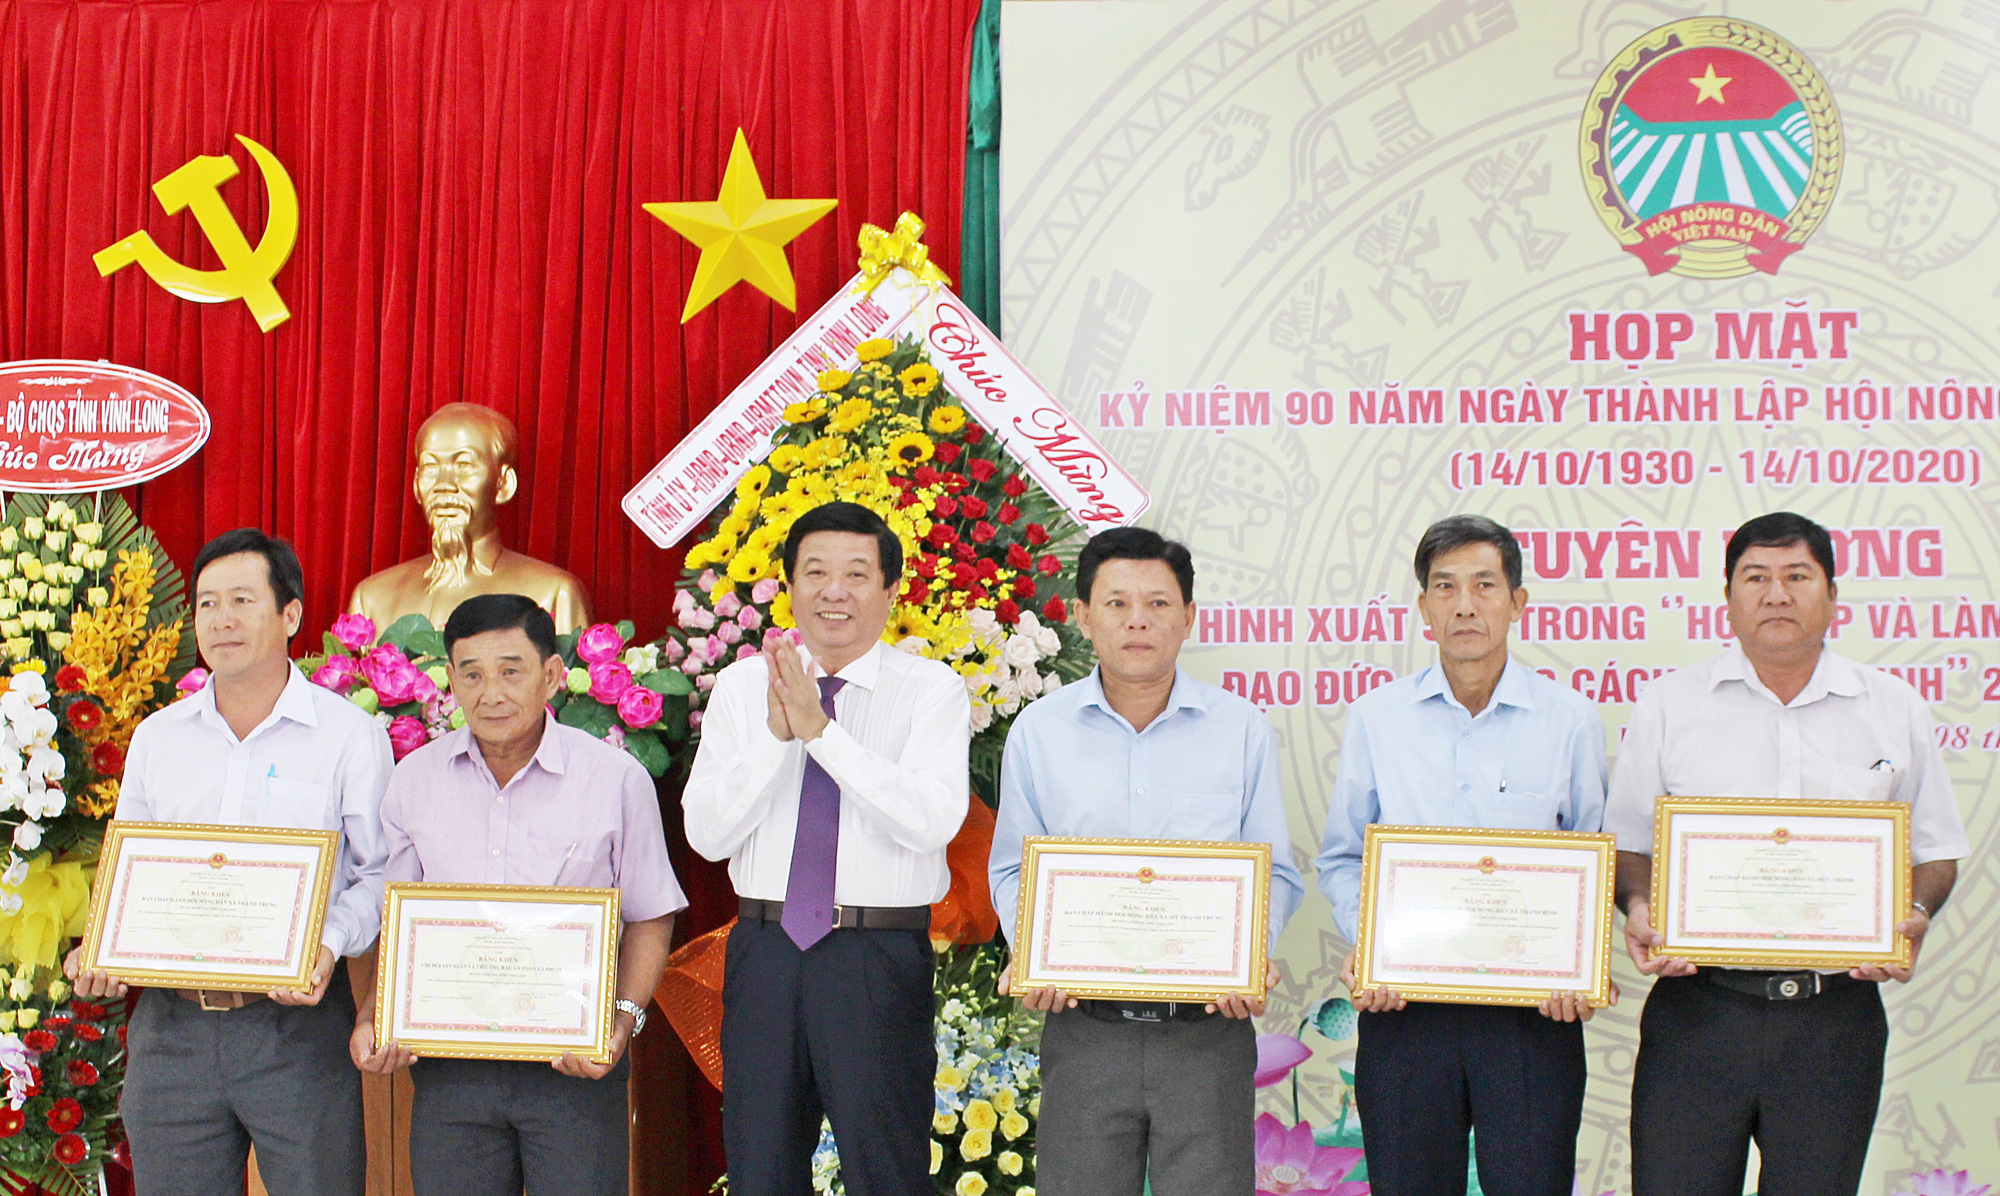 Hội Nông dân Vĩnh Long: Hai năm giúp 804 hội viên thoát nghèo - Ảnh 1.